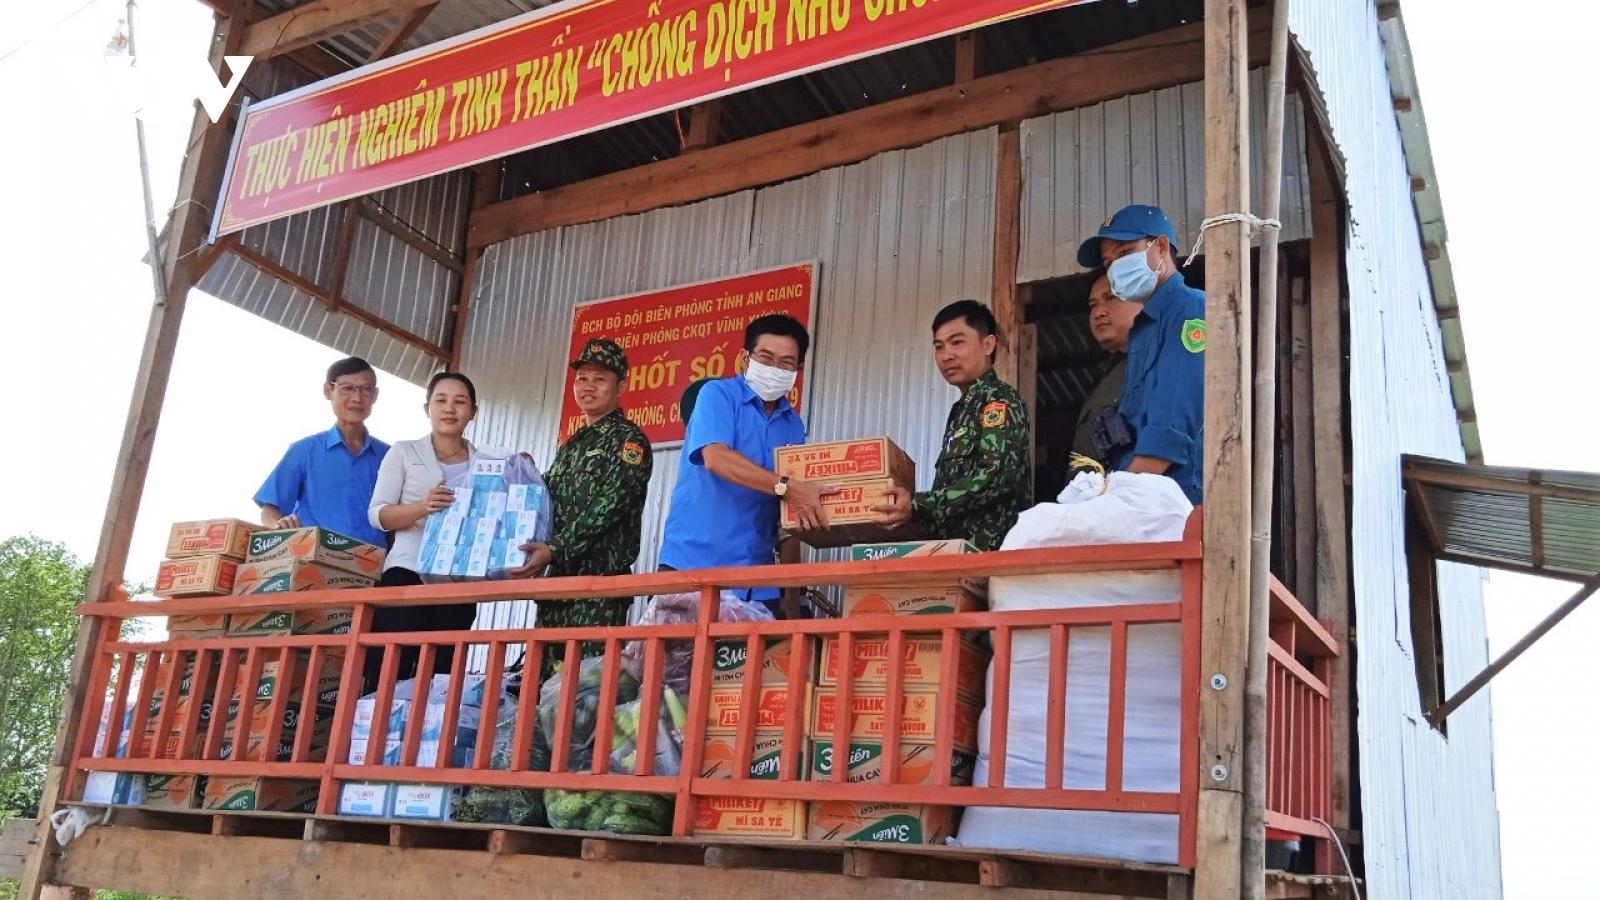 Cán bộ, chiến sỹ biên phòng An Giang mang mùa Xuân an lành đến với người dân